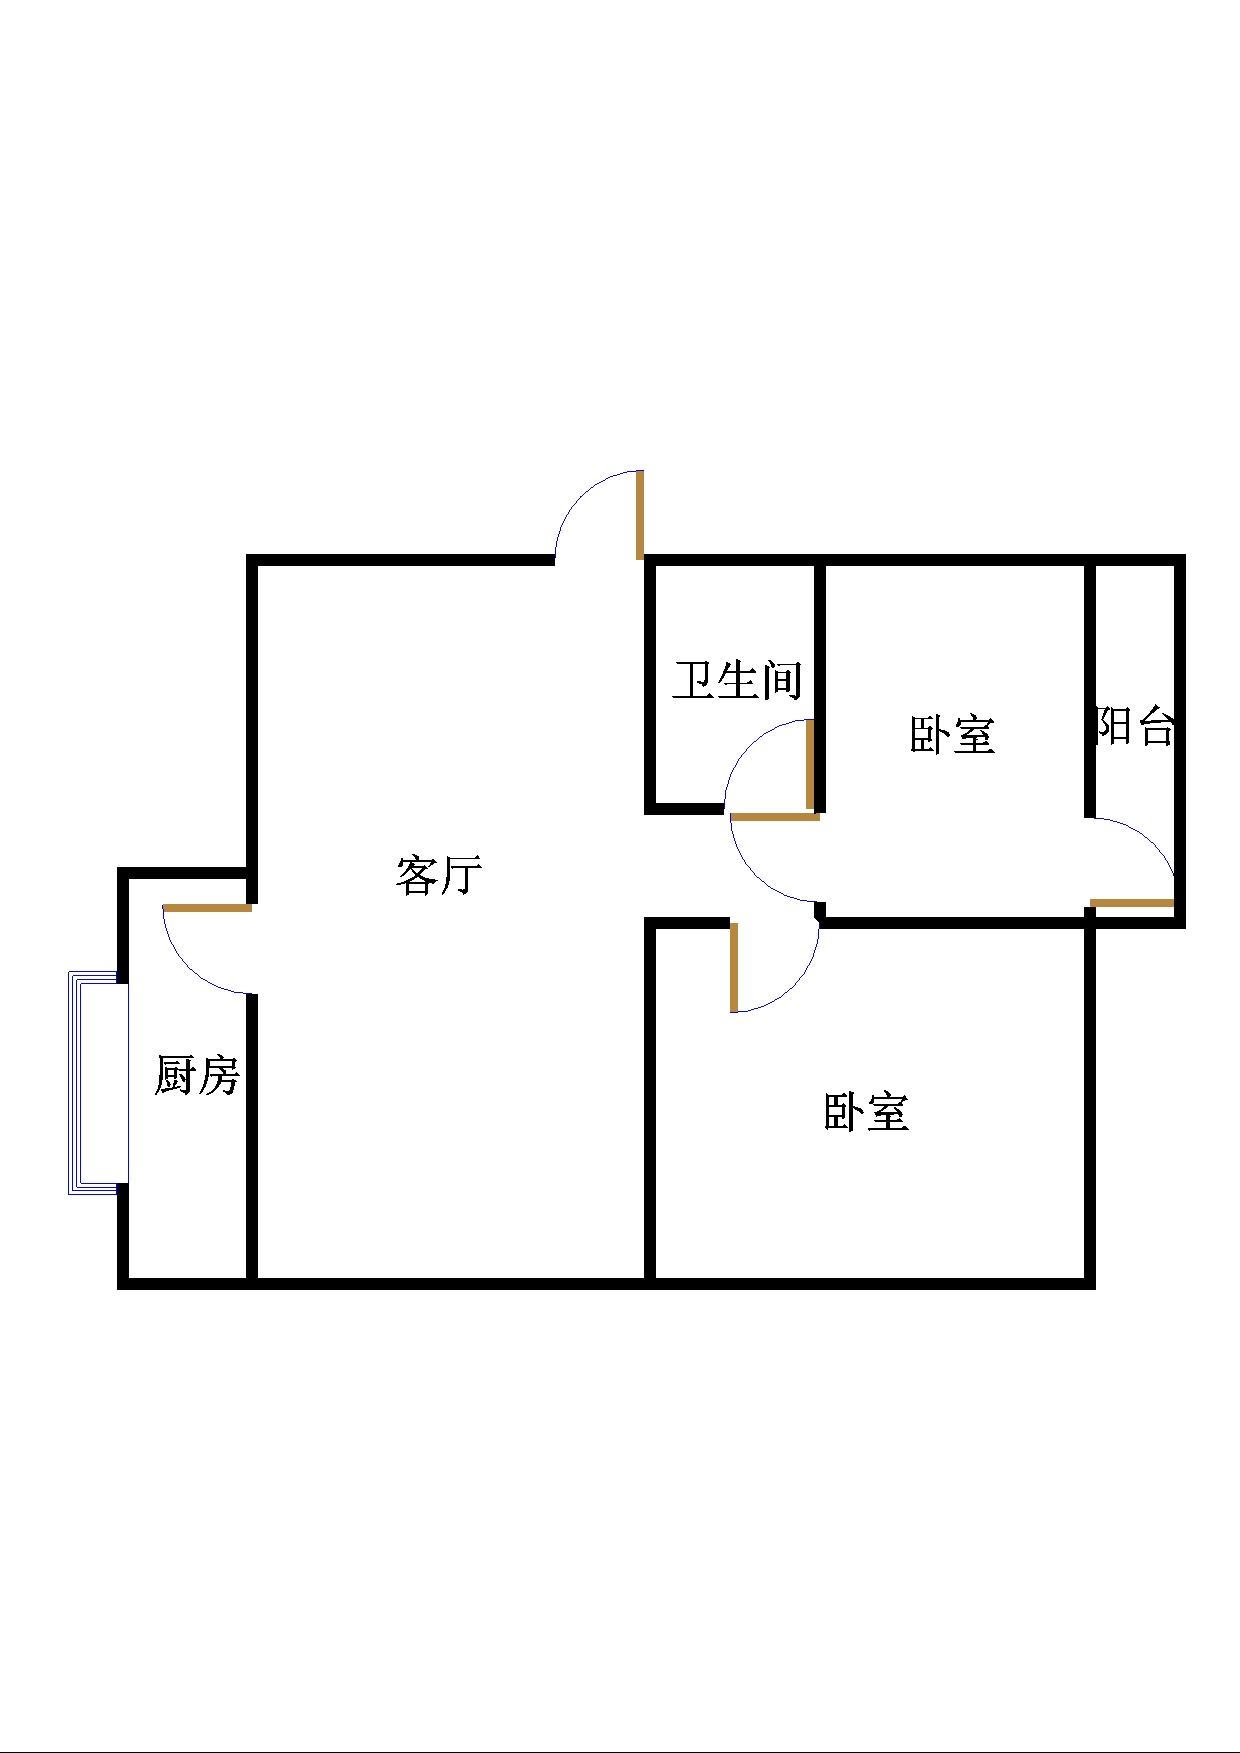 南源丽都 2室2厅 1楼